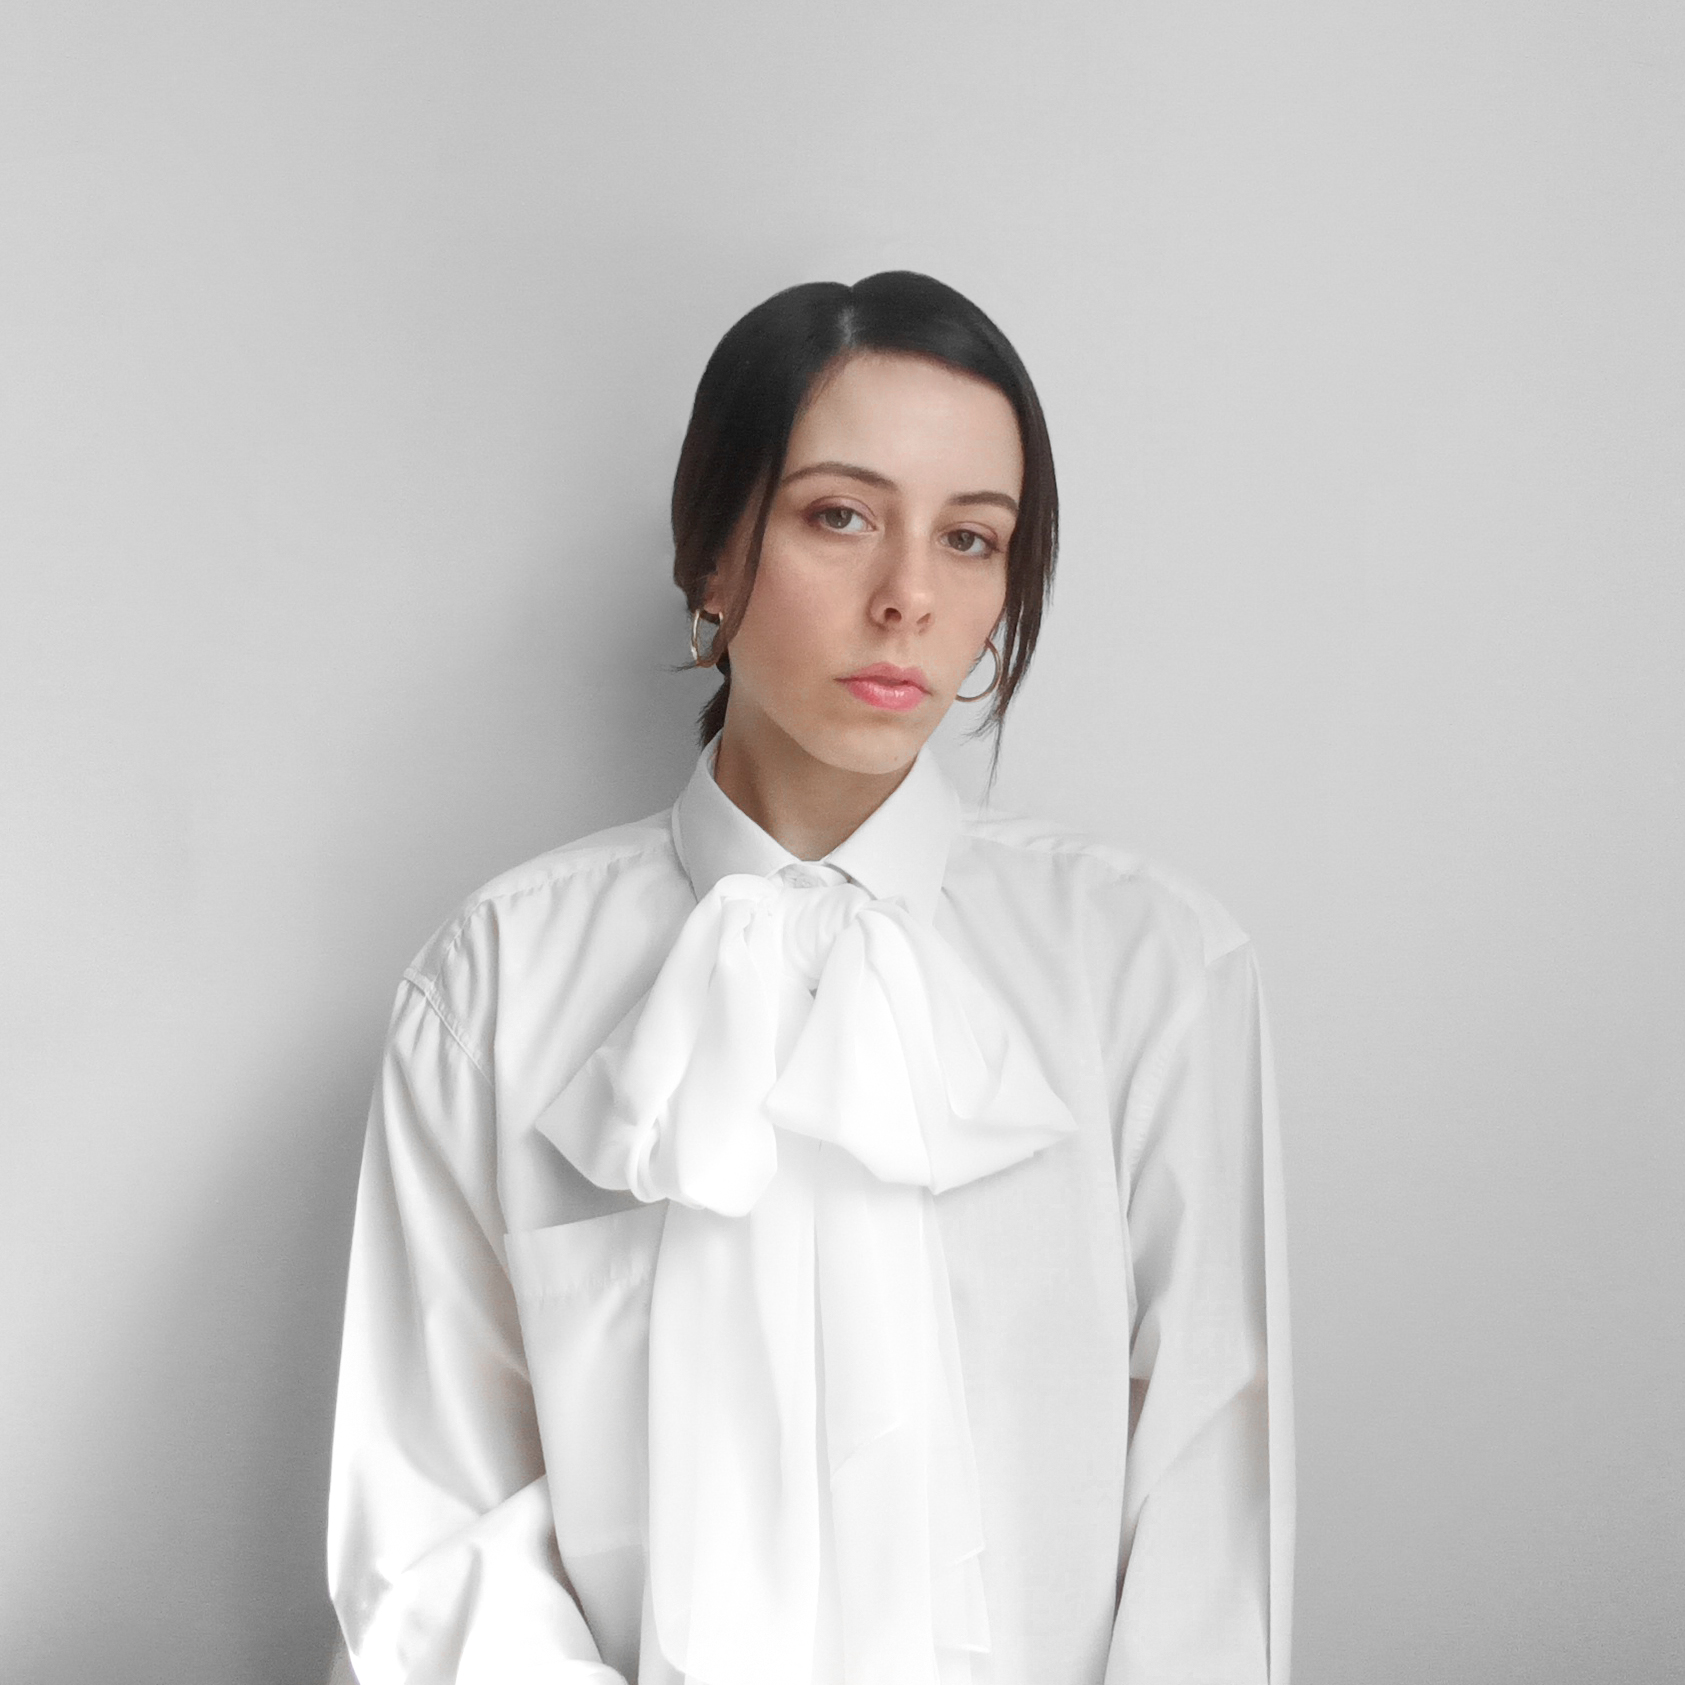 Carla Souto